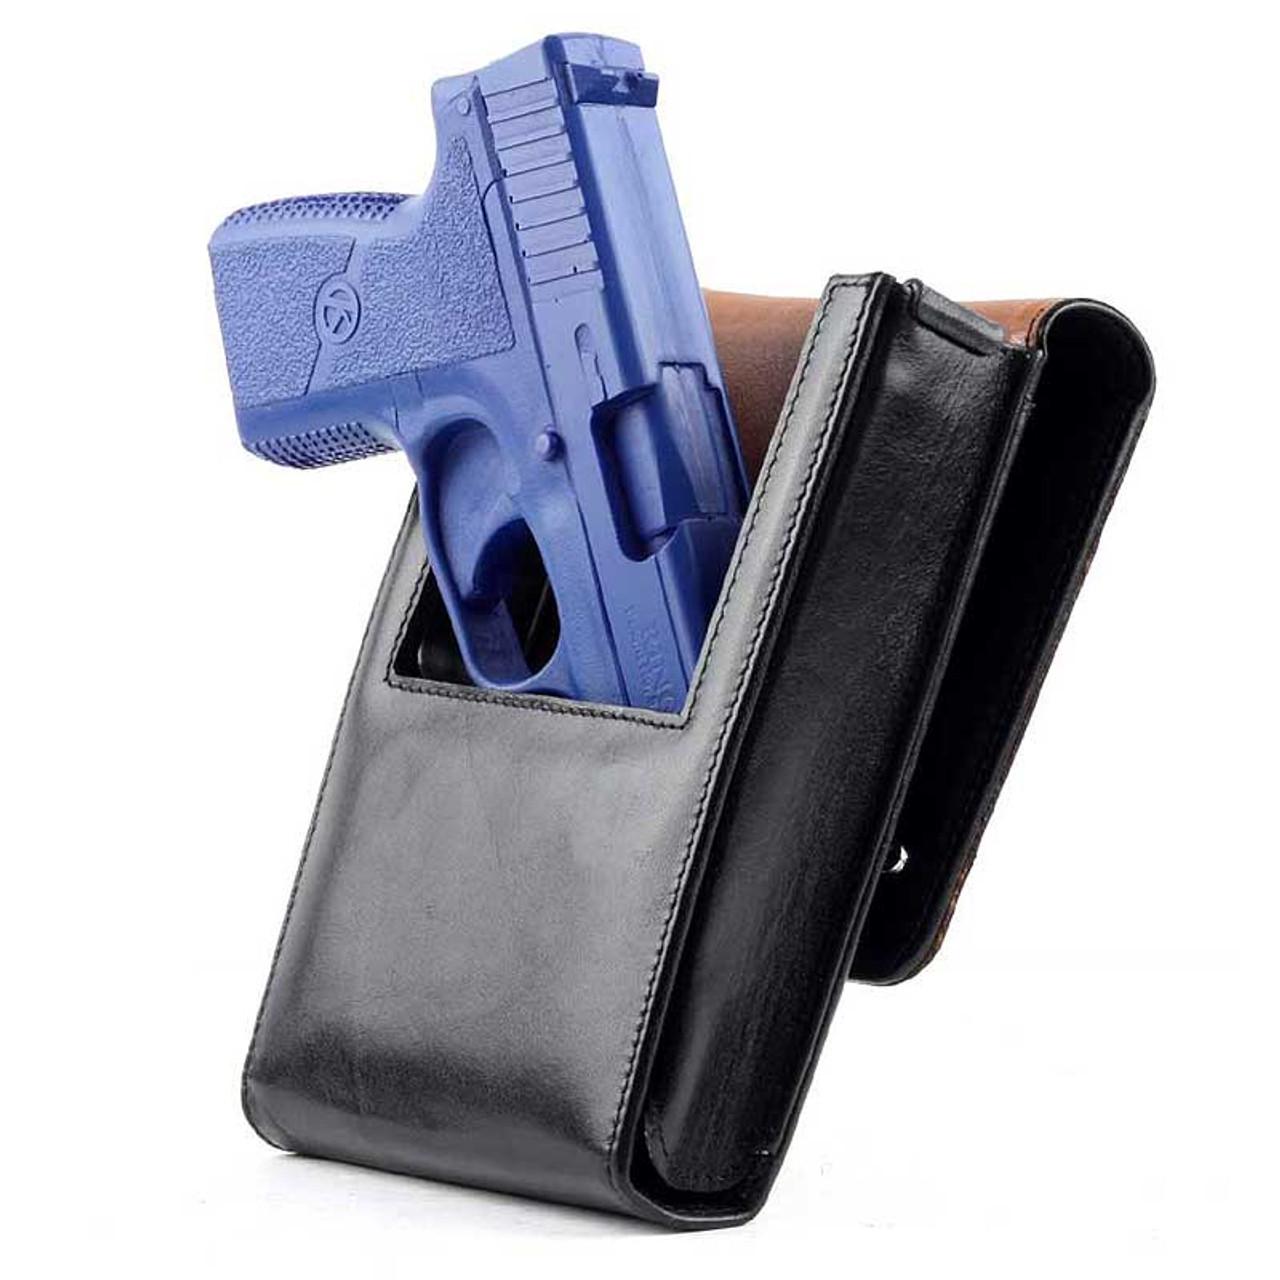 Walther Pps 9mm Sneaky Pete Holster Belt Loop Sneaky